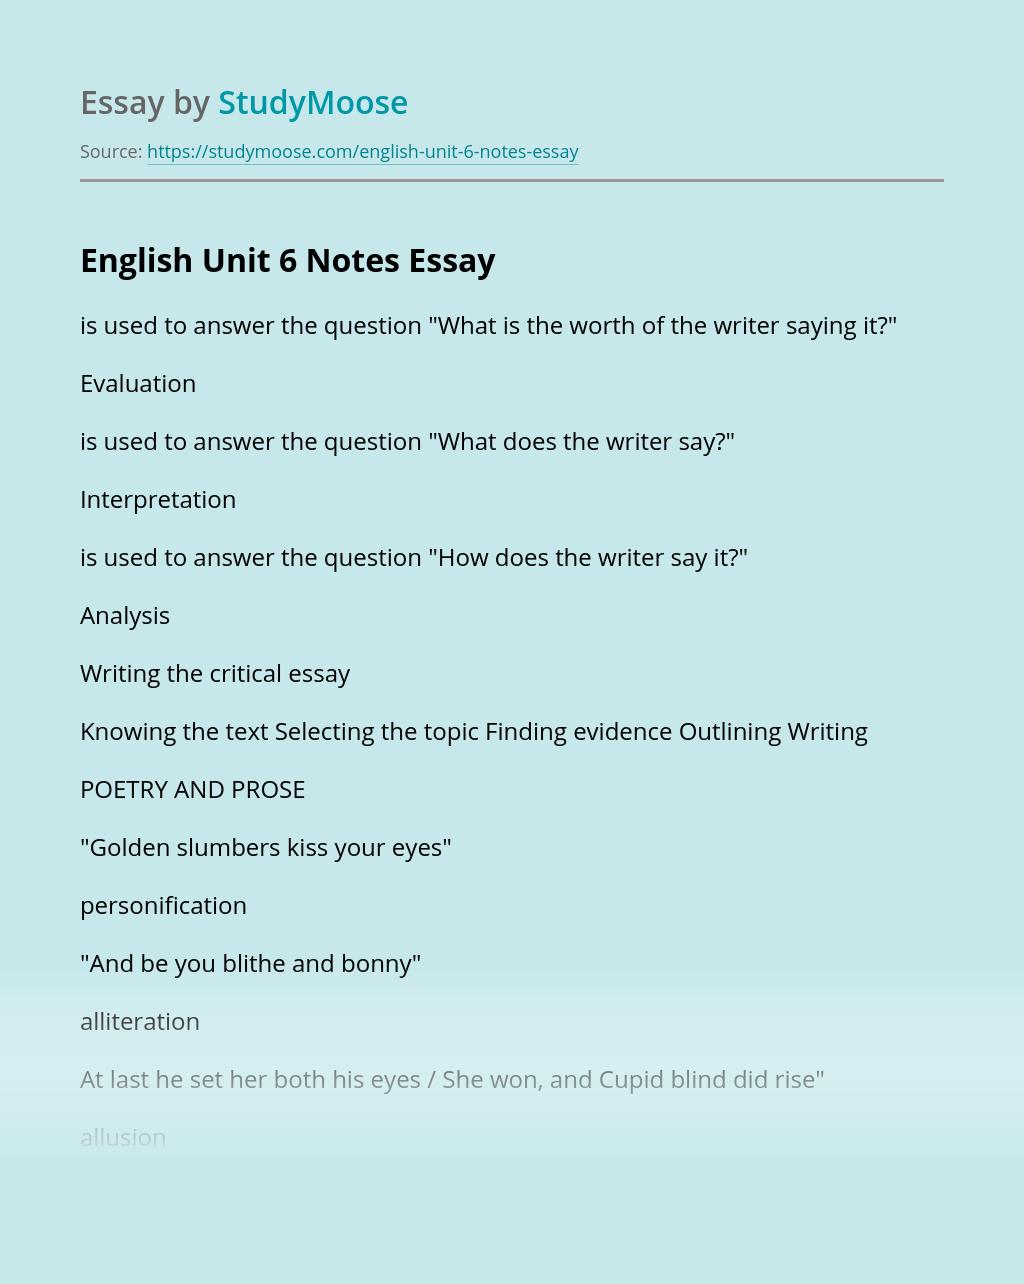 English Unit 6 Notes